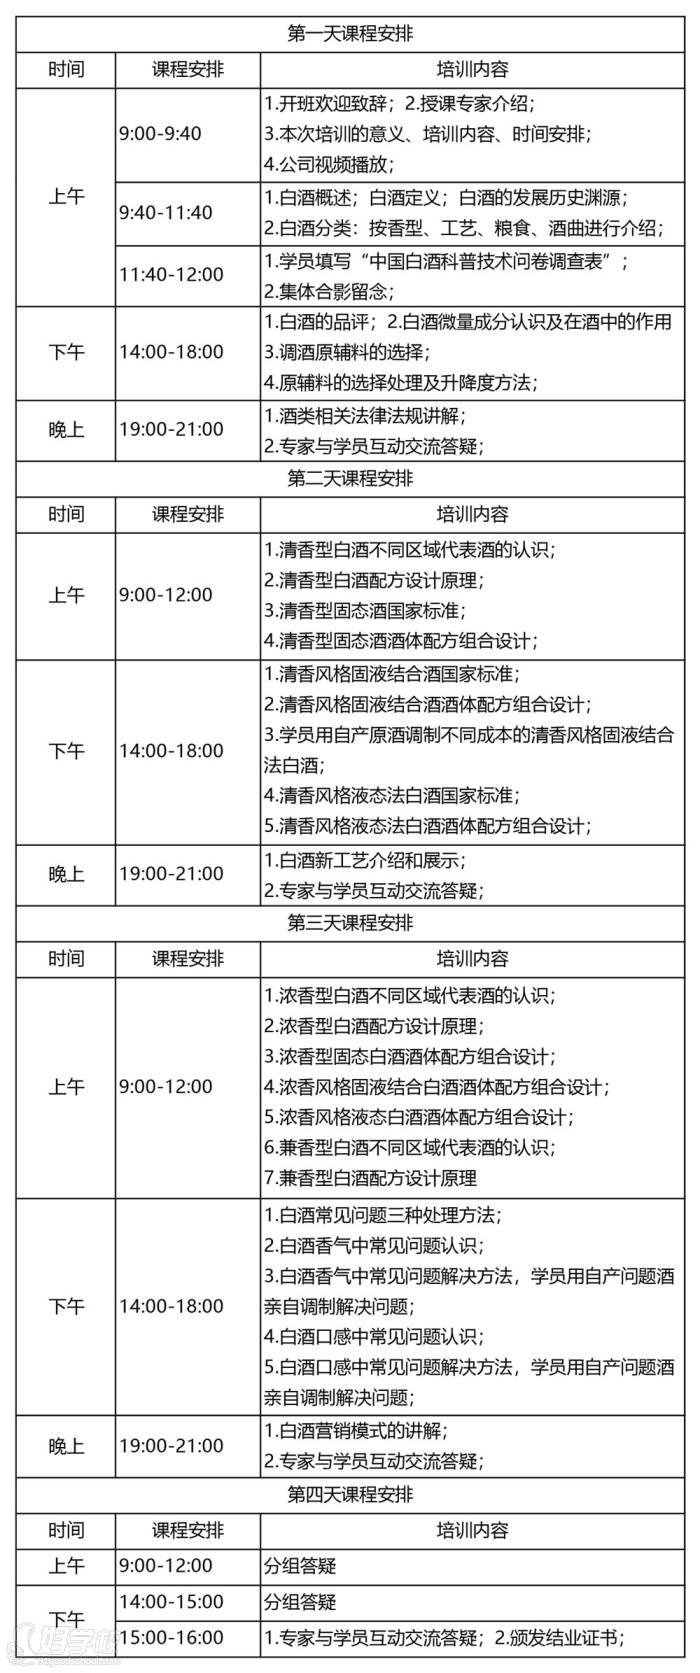 四川省天府名優酒研究中心  課程安排